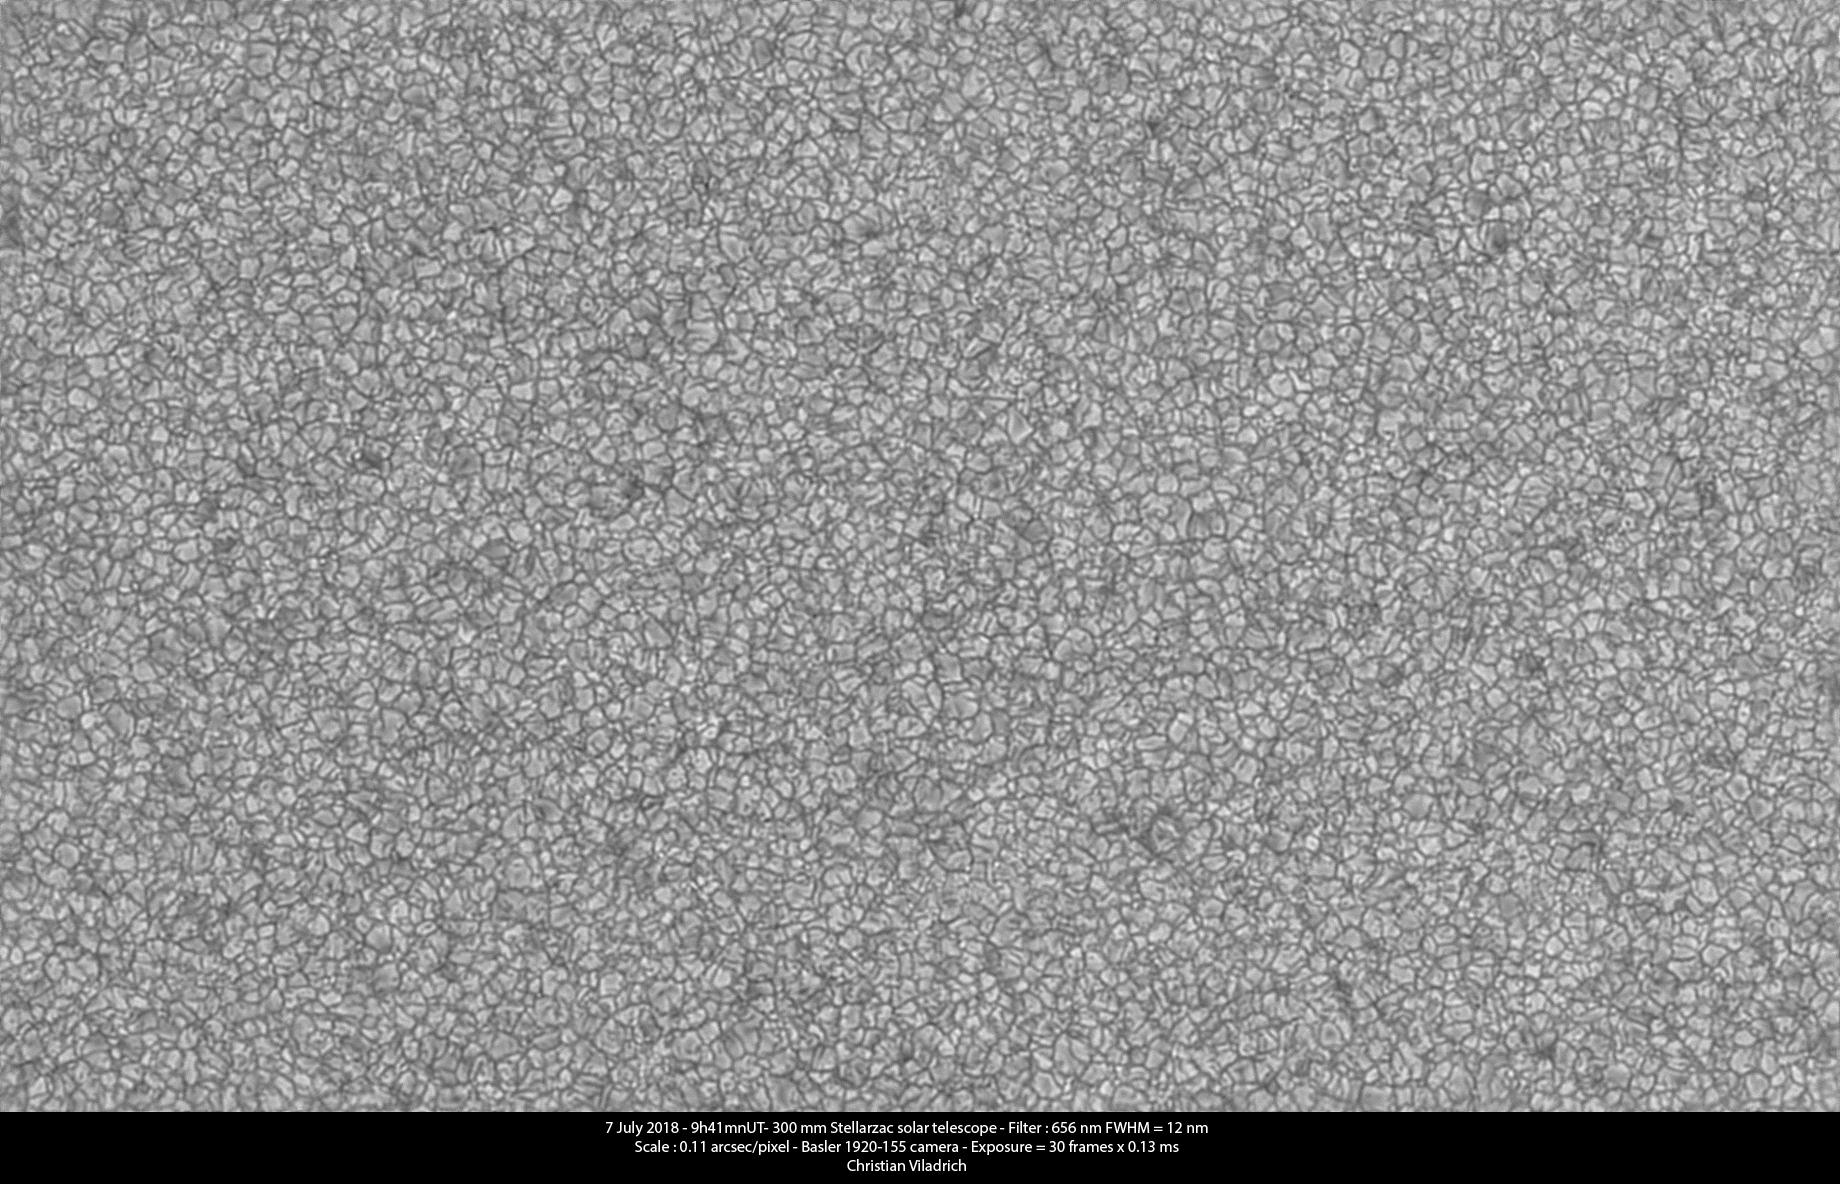 Granulation-7july2018-9h41mnUT-N300-656n